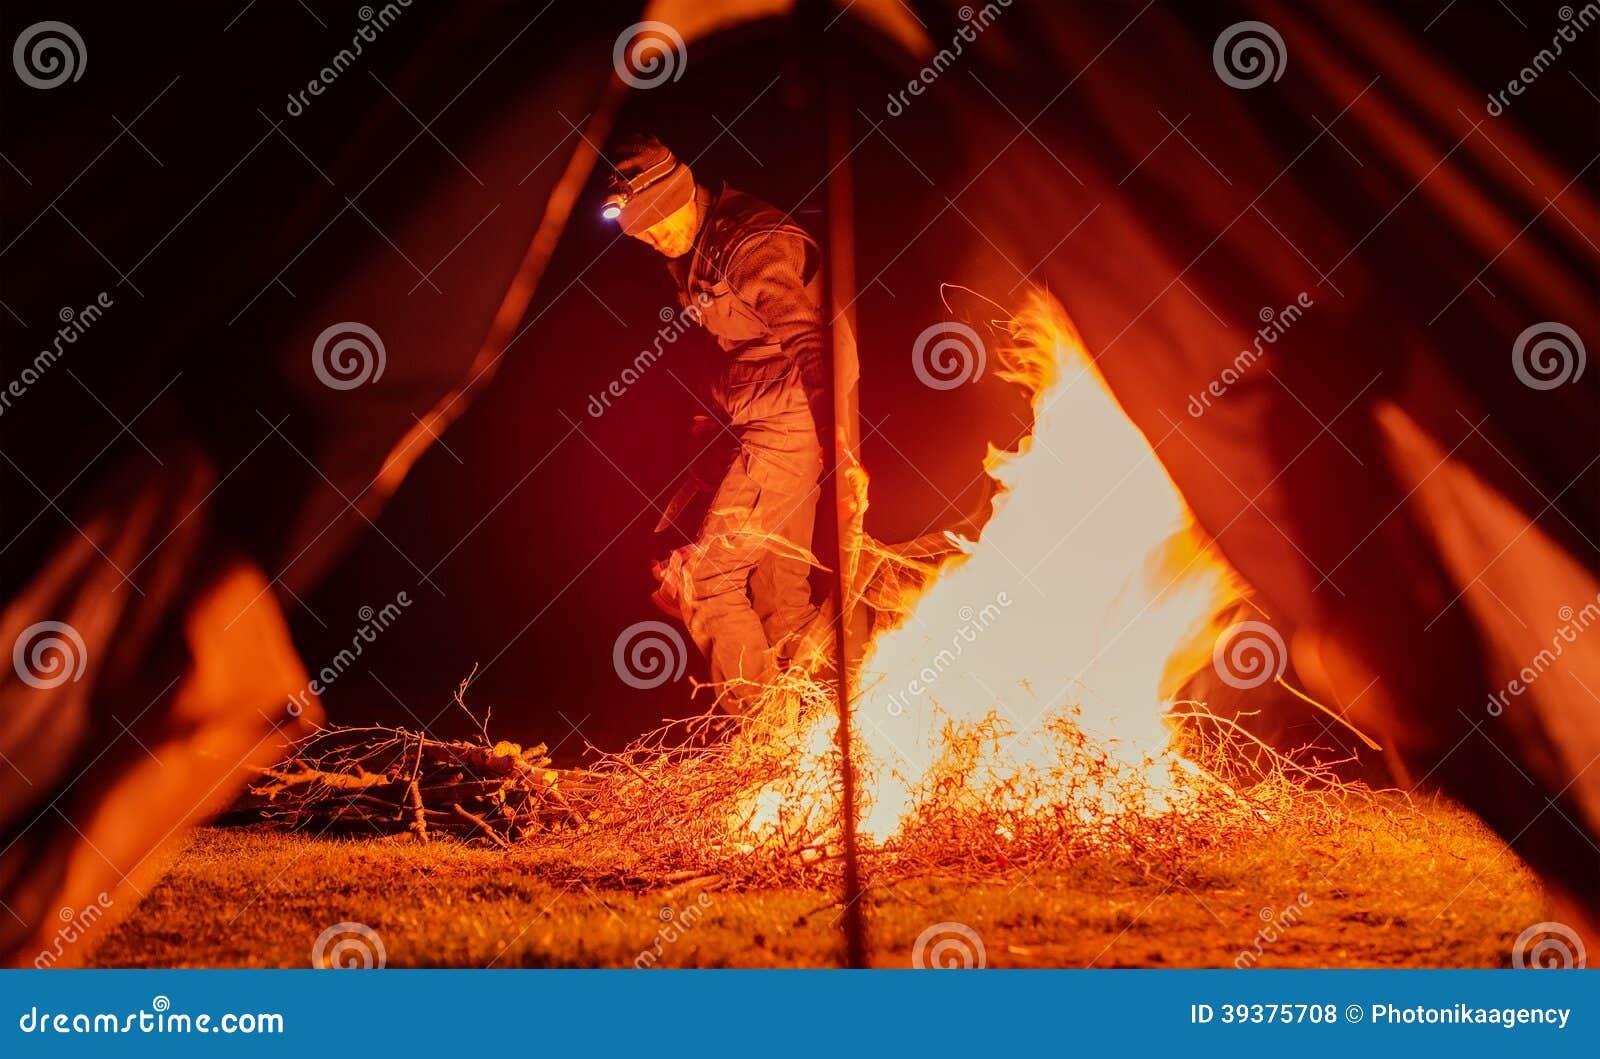 Camp Is Near A Fire Cartoon Vector